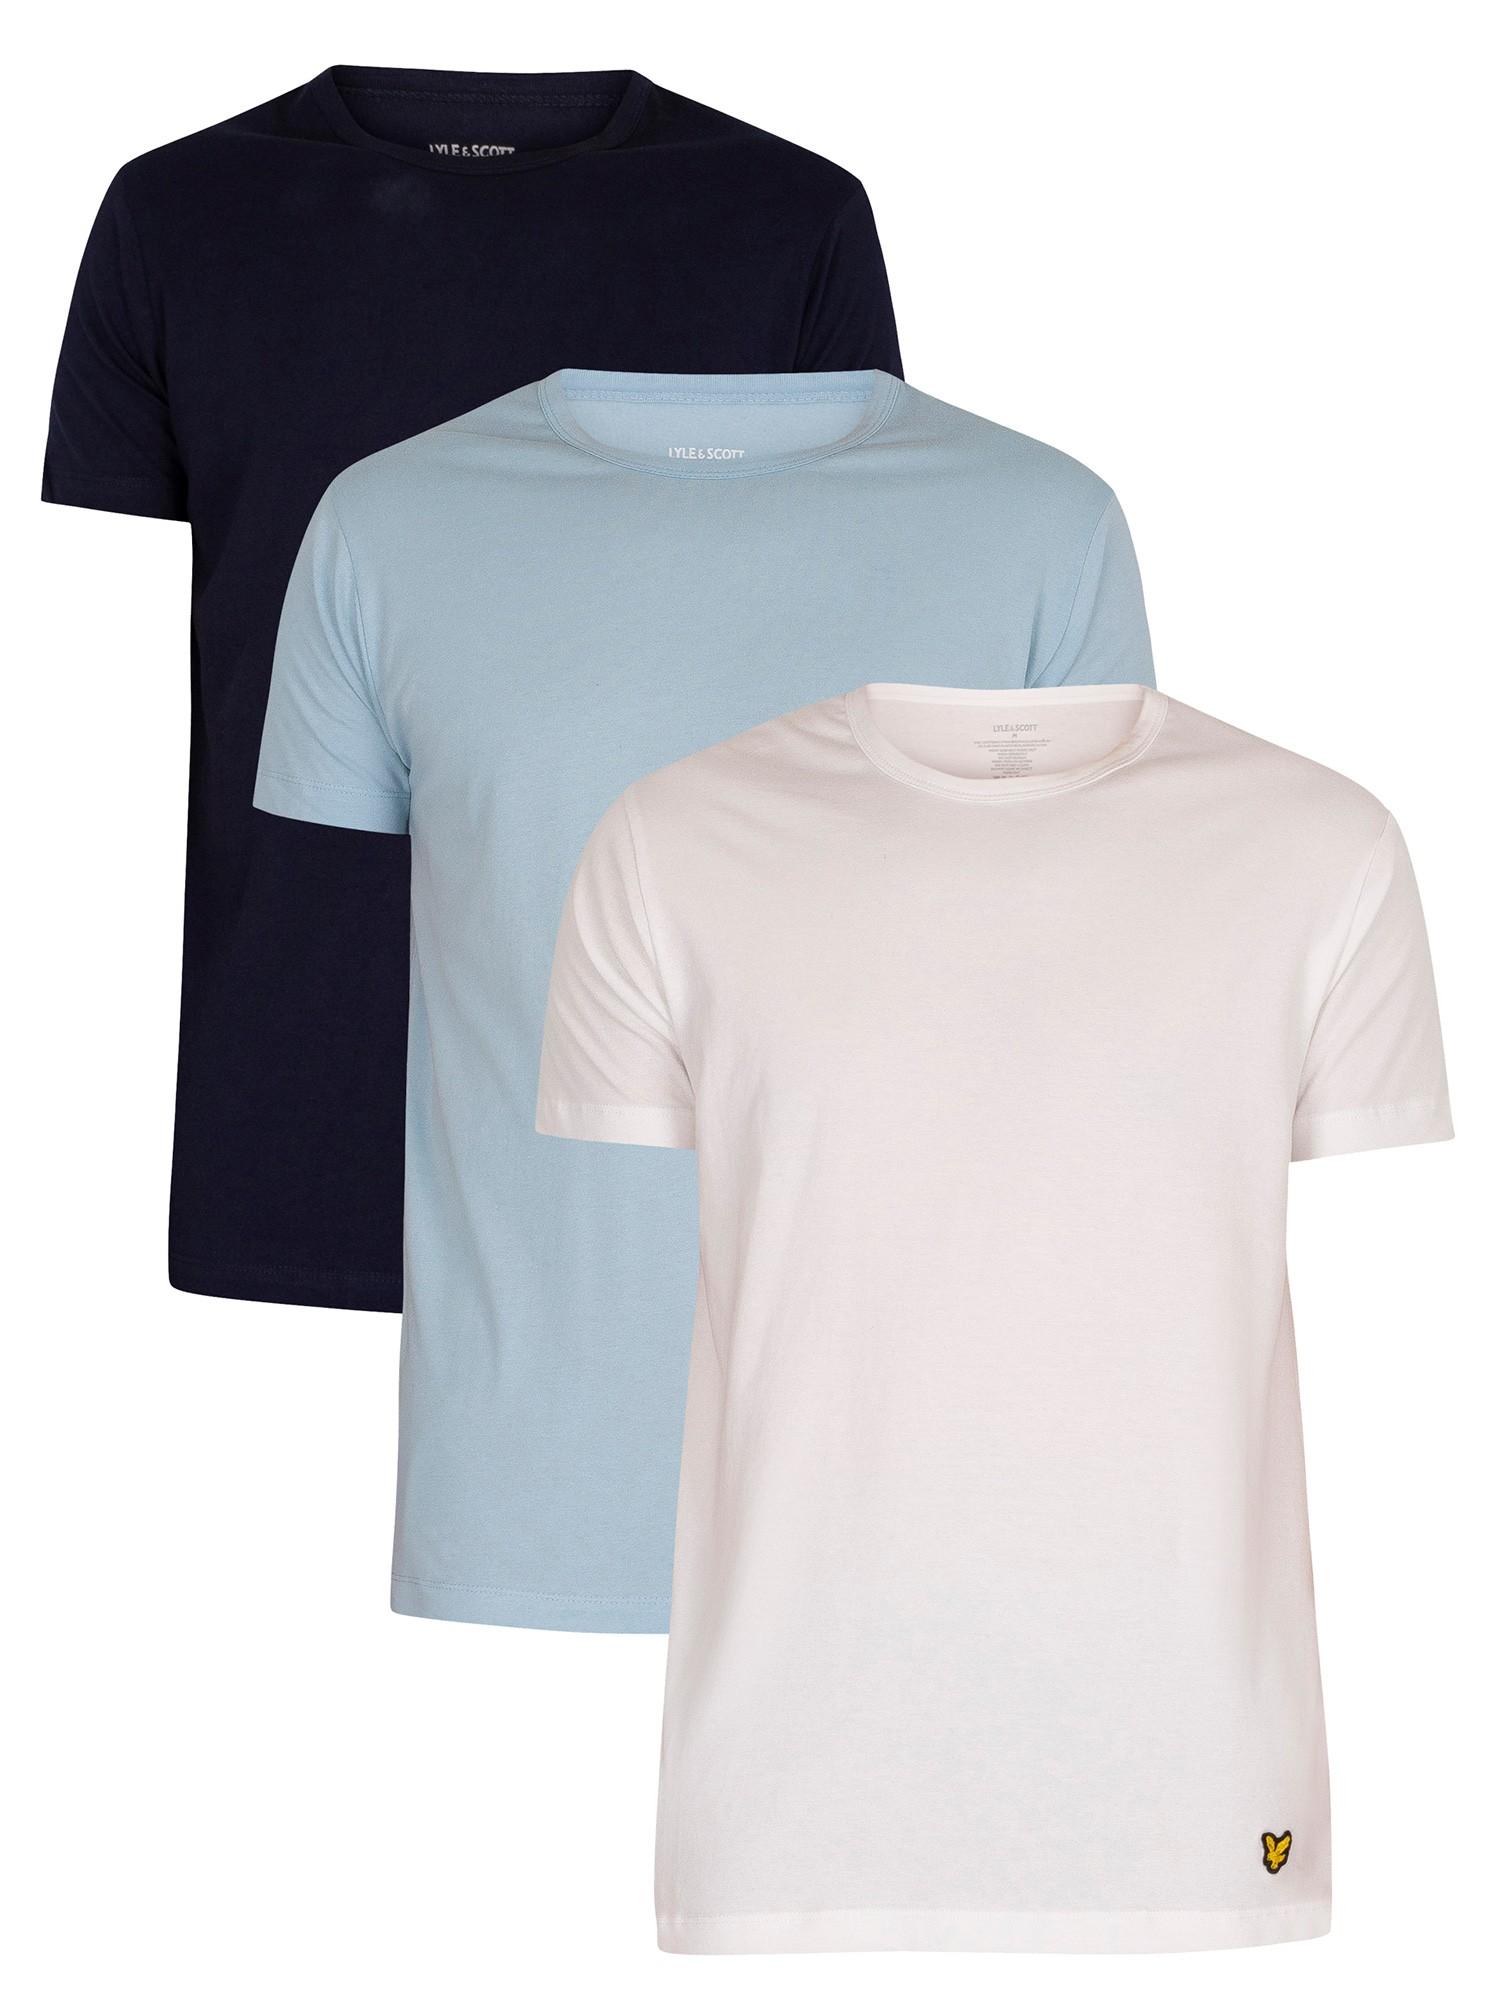 3-Pack-Maxwell-TShirt